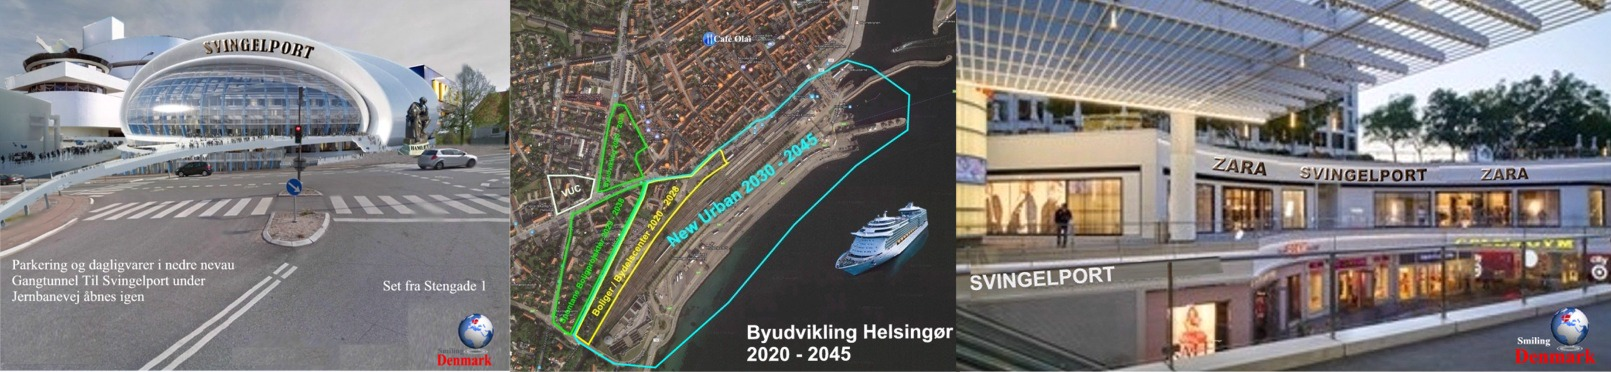 Udvikling af Svingelport Helsingør